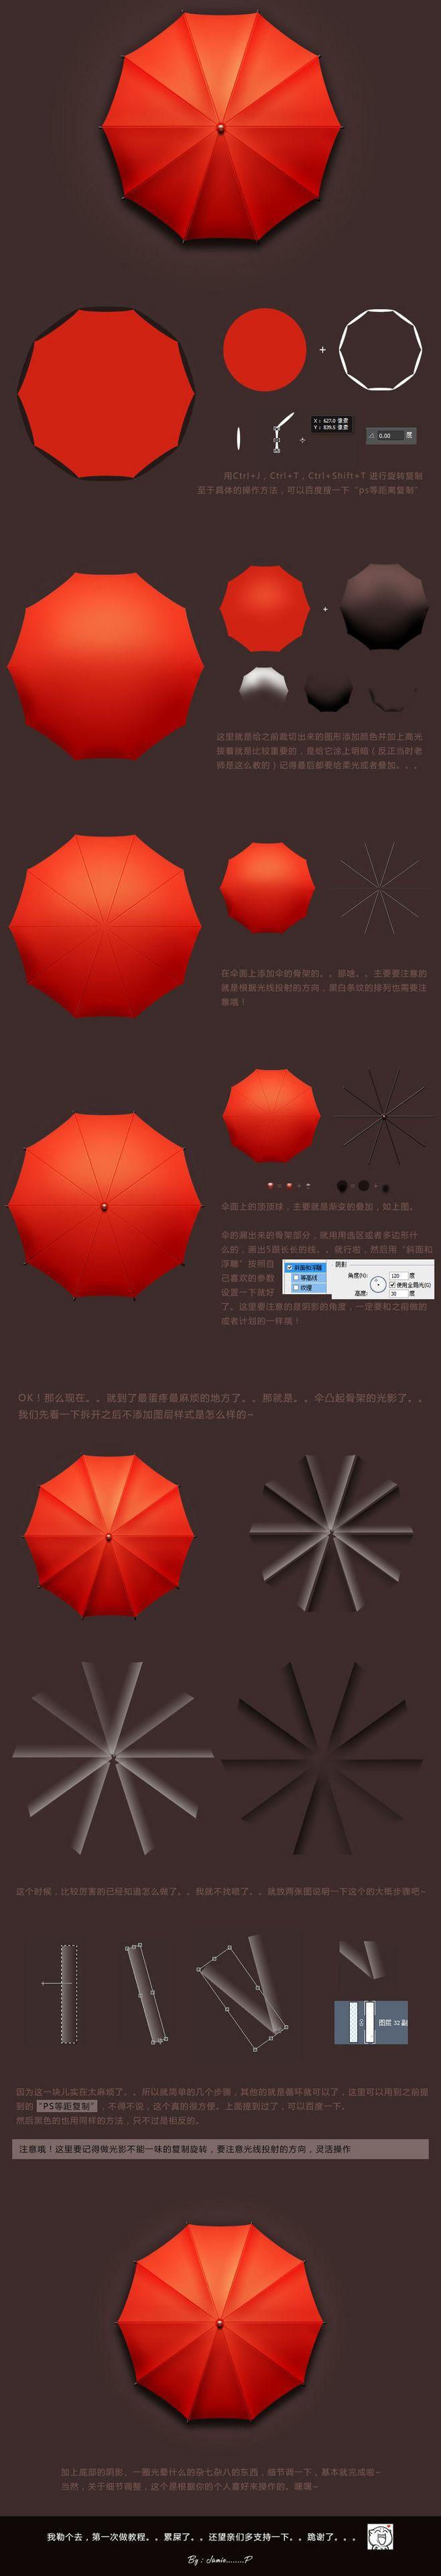 【进阶预热】GUI图标练习 帕尔特.3【...